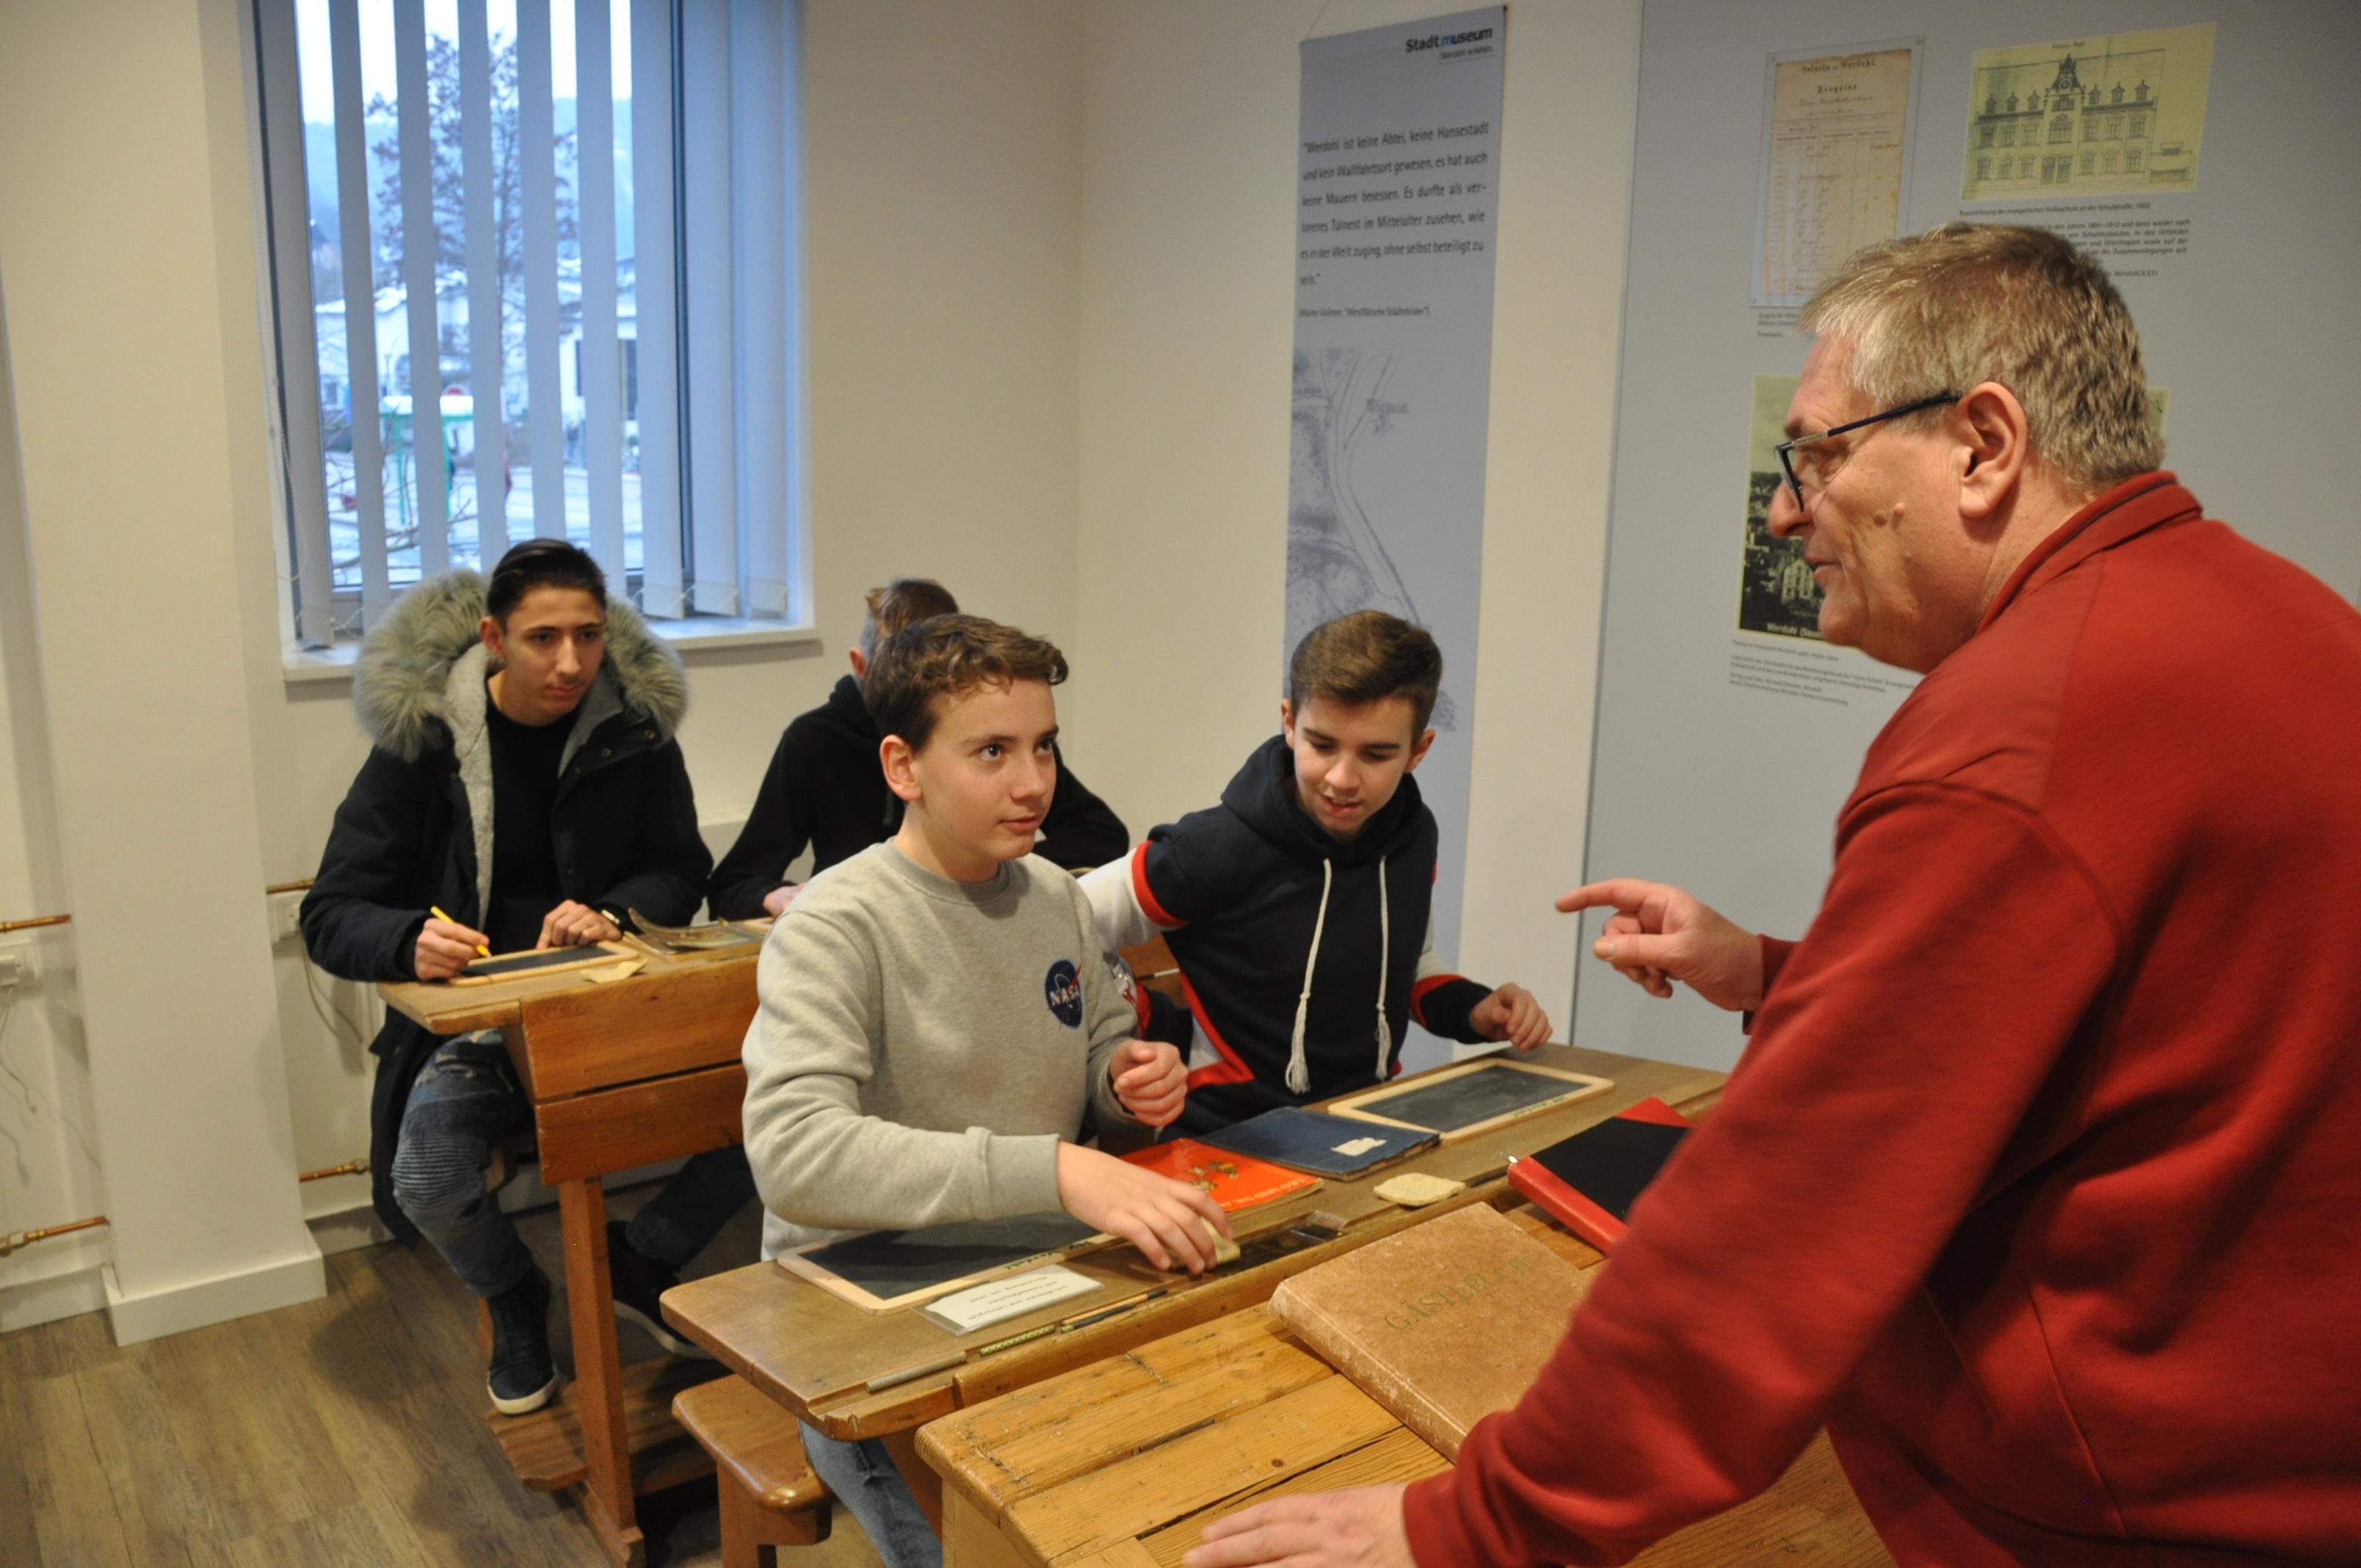 Albert-Einstein Gesamtschule und Heimat-und Geschichtsverein kooperieren